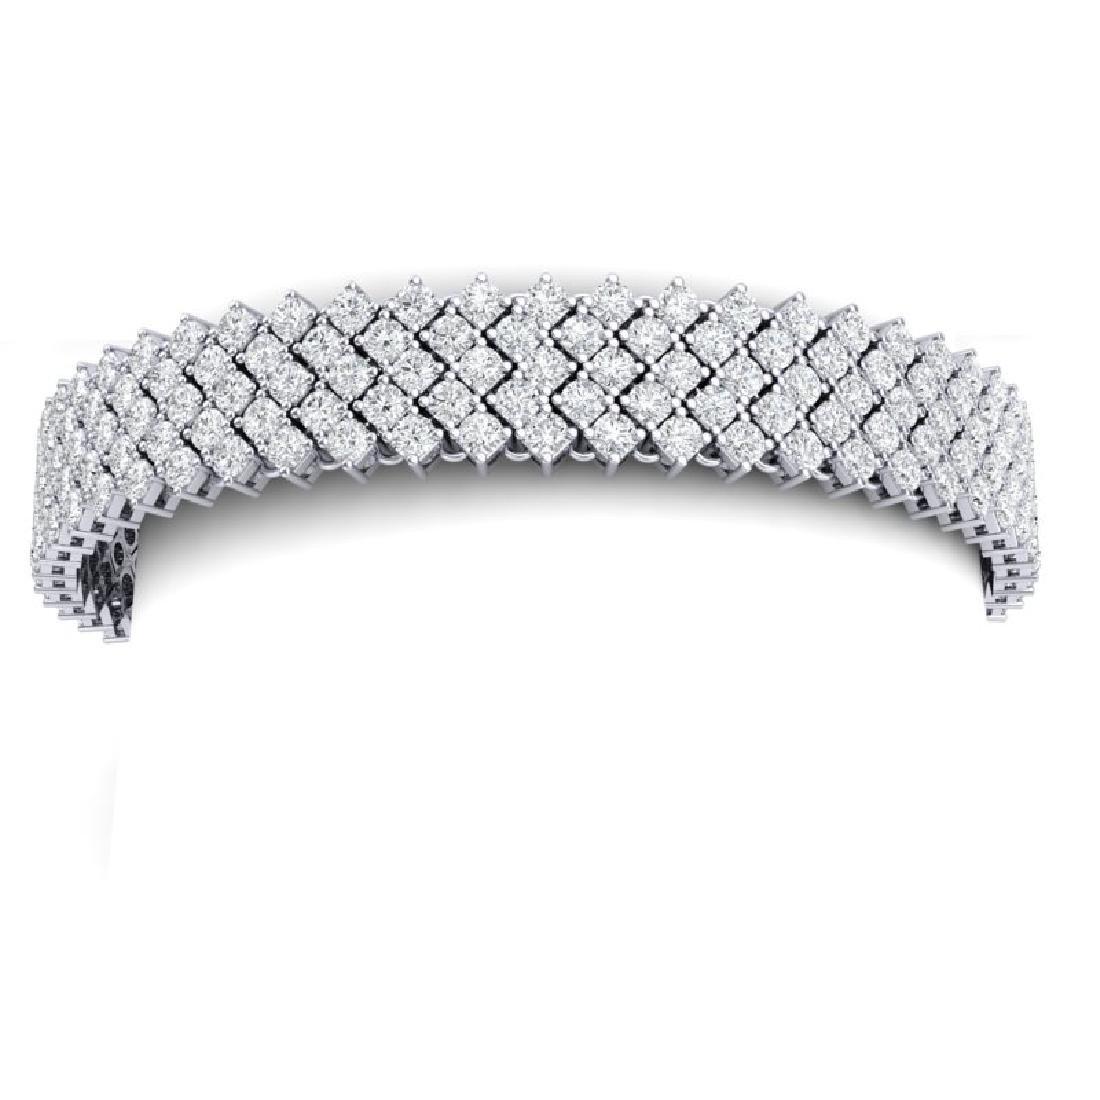 20 CTW Certified VS/SI Diamond Bracelet 18K White Gold - 2